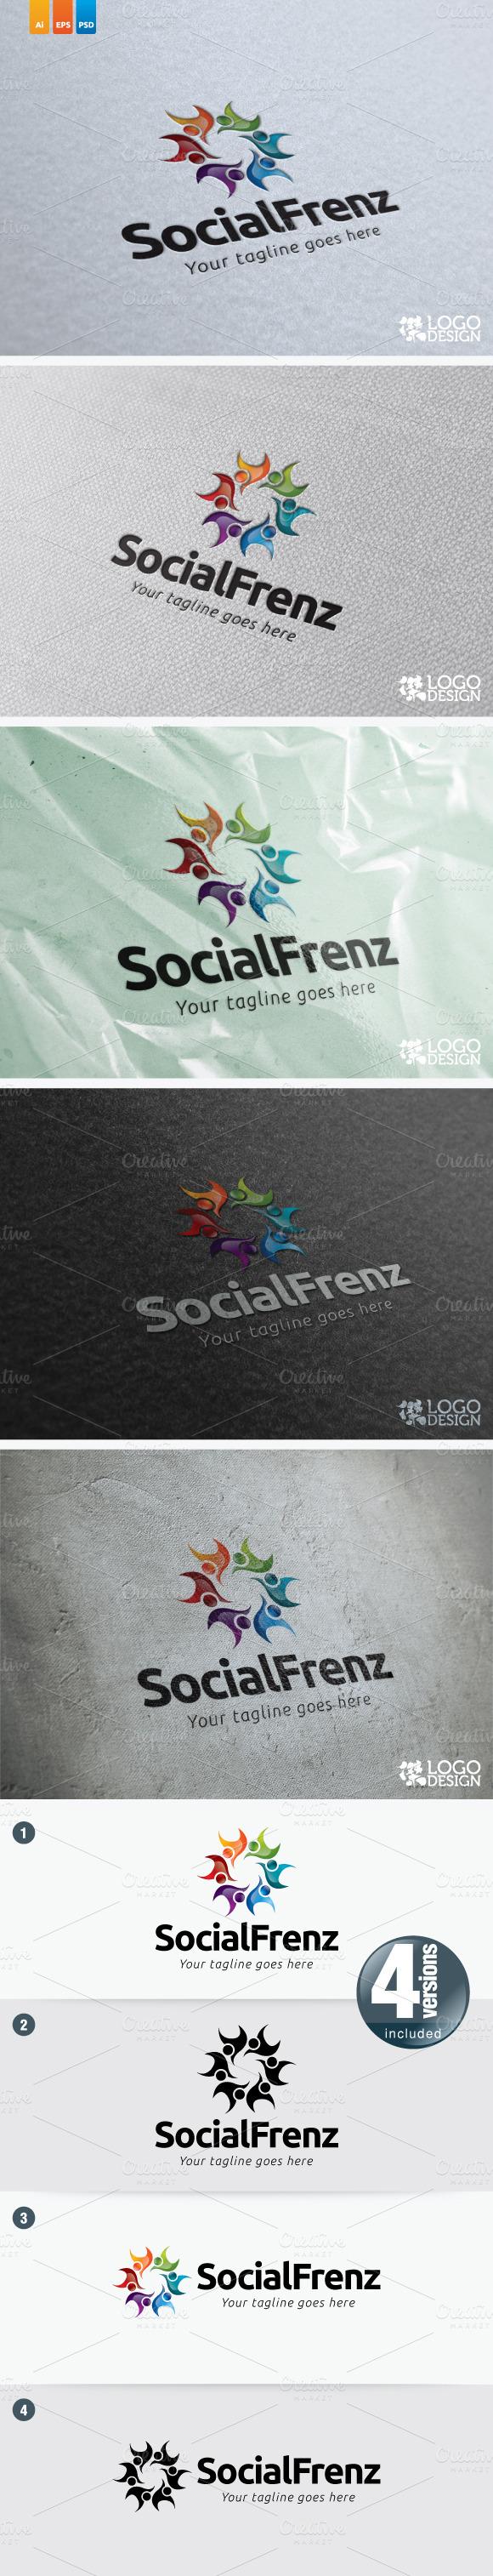 Social Frenz